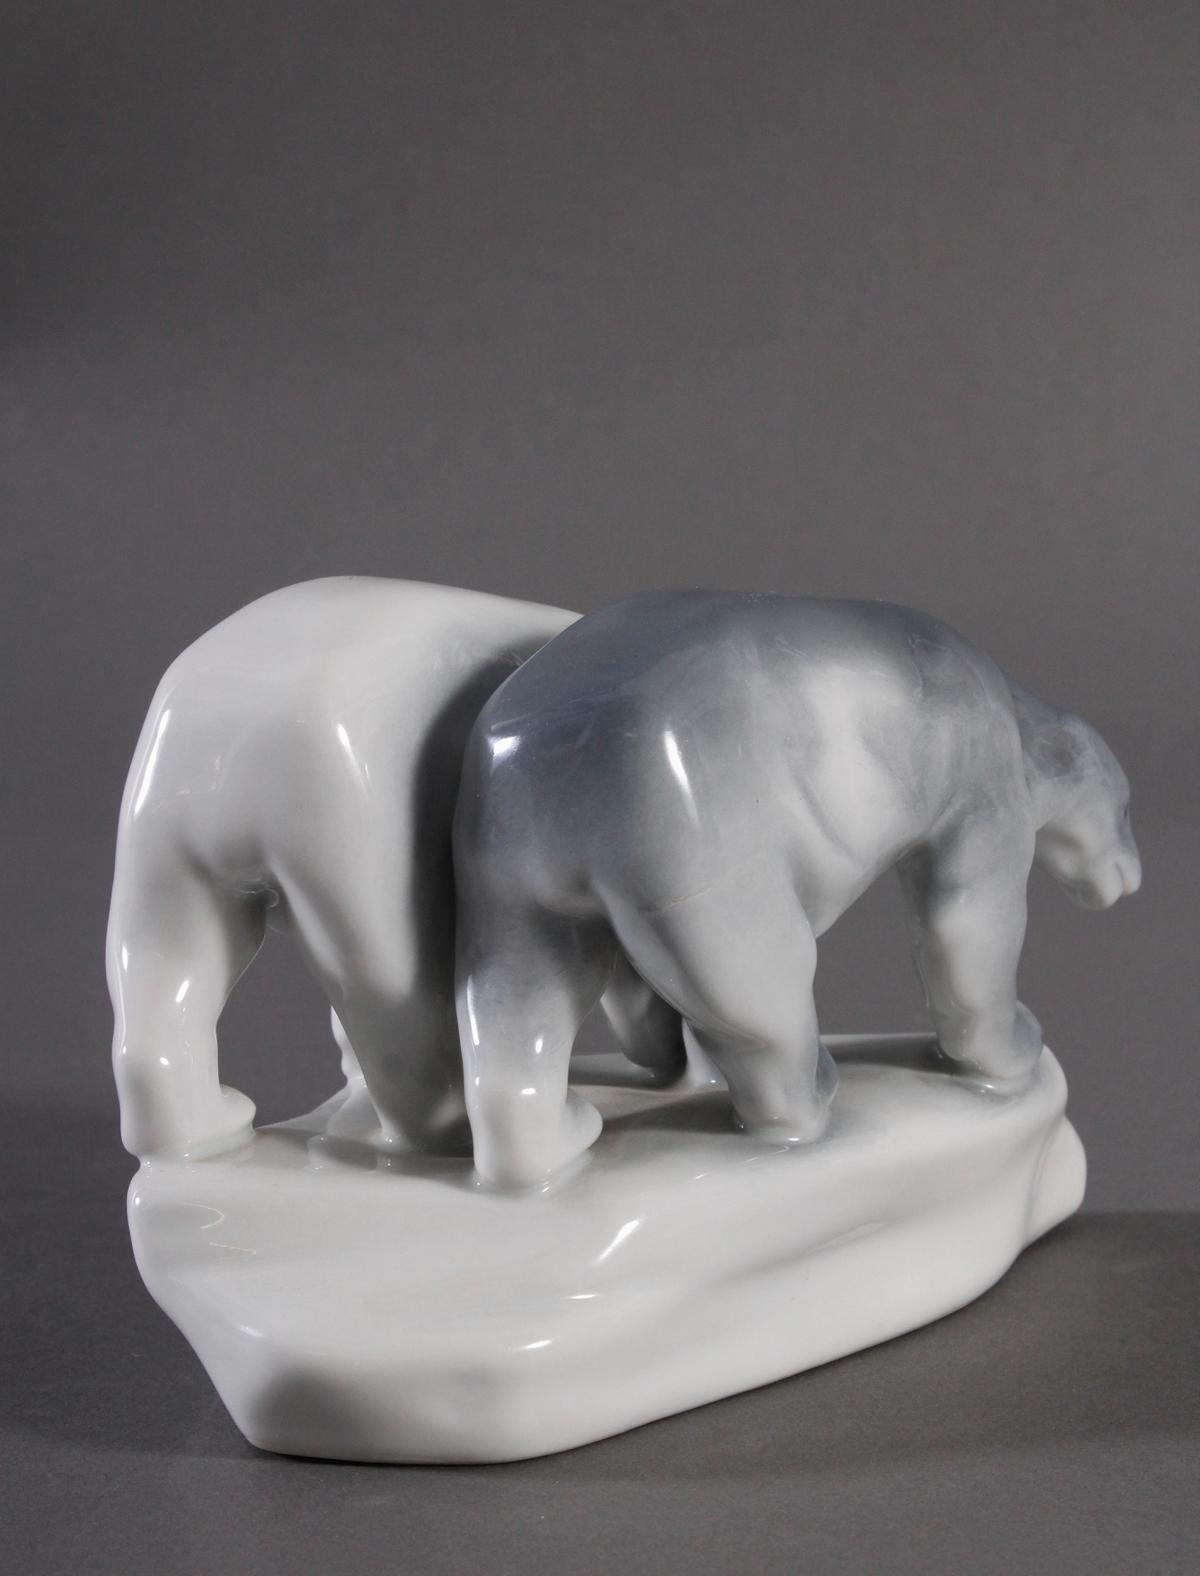 Porzellanfigur, Ungarn, 'Eisbären'-6